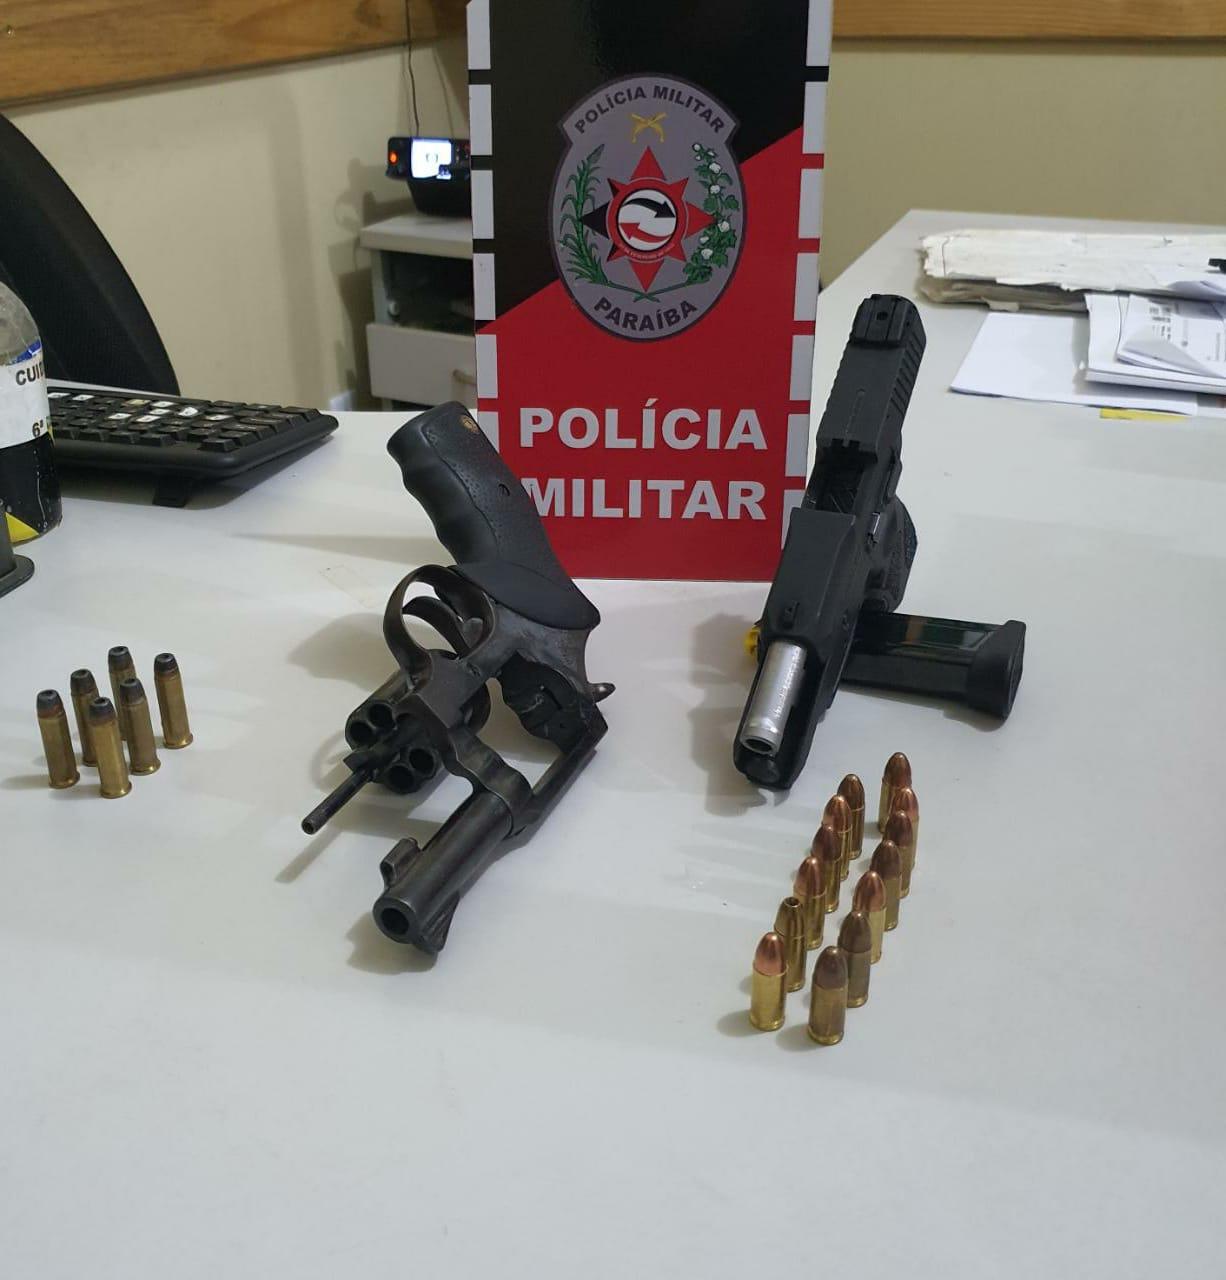 WhatsApp Image 2020 10 17 at 18.35.24 - PEDRAS DE FOGO: candidatos a vereadores e militares de Manoel Júnior são presos por porte ilegal de arma, e intimidação de eleitores; confira